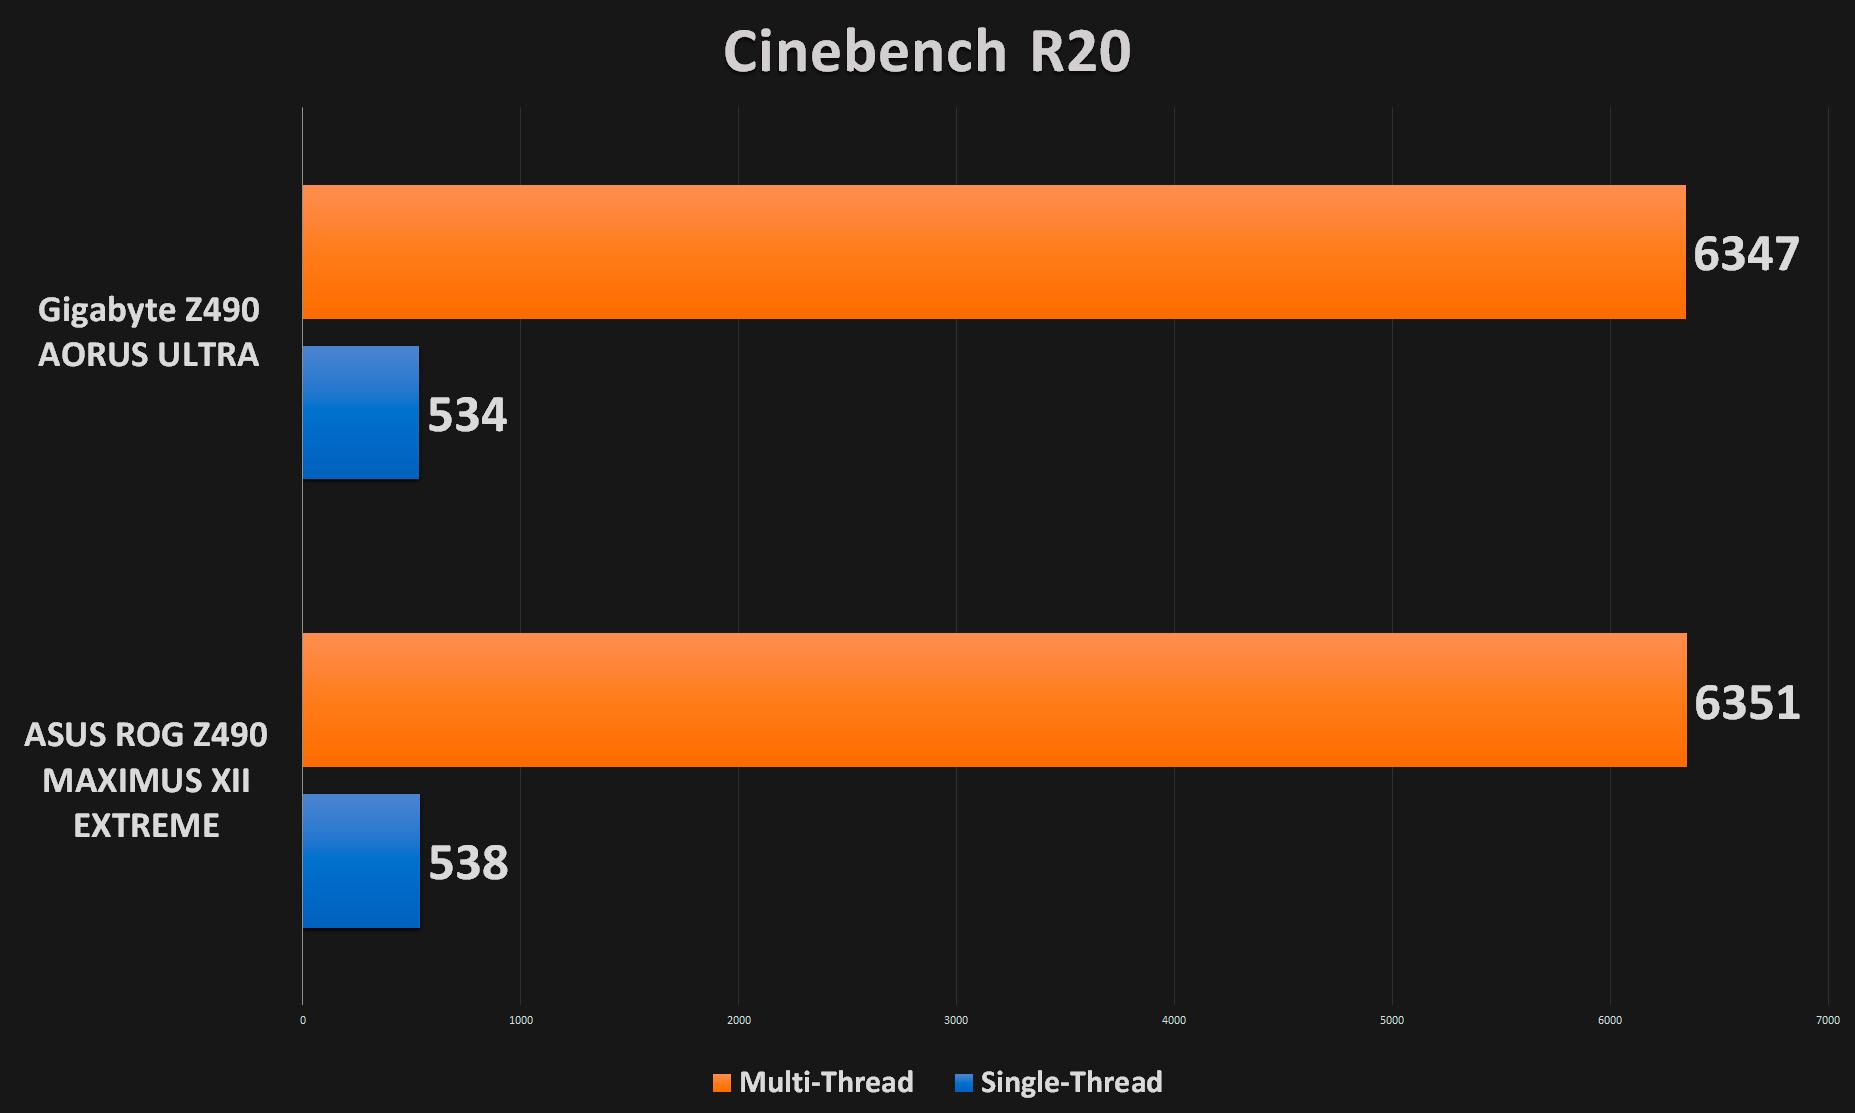 Cinebench R20 Results